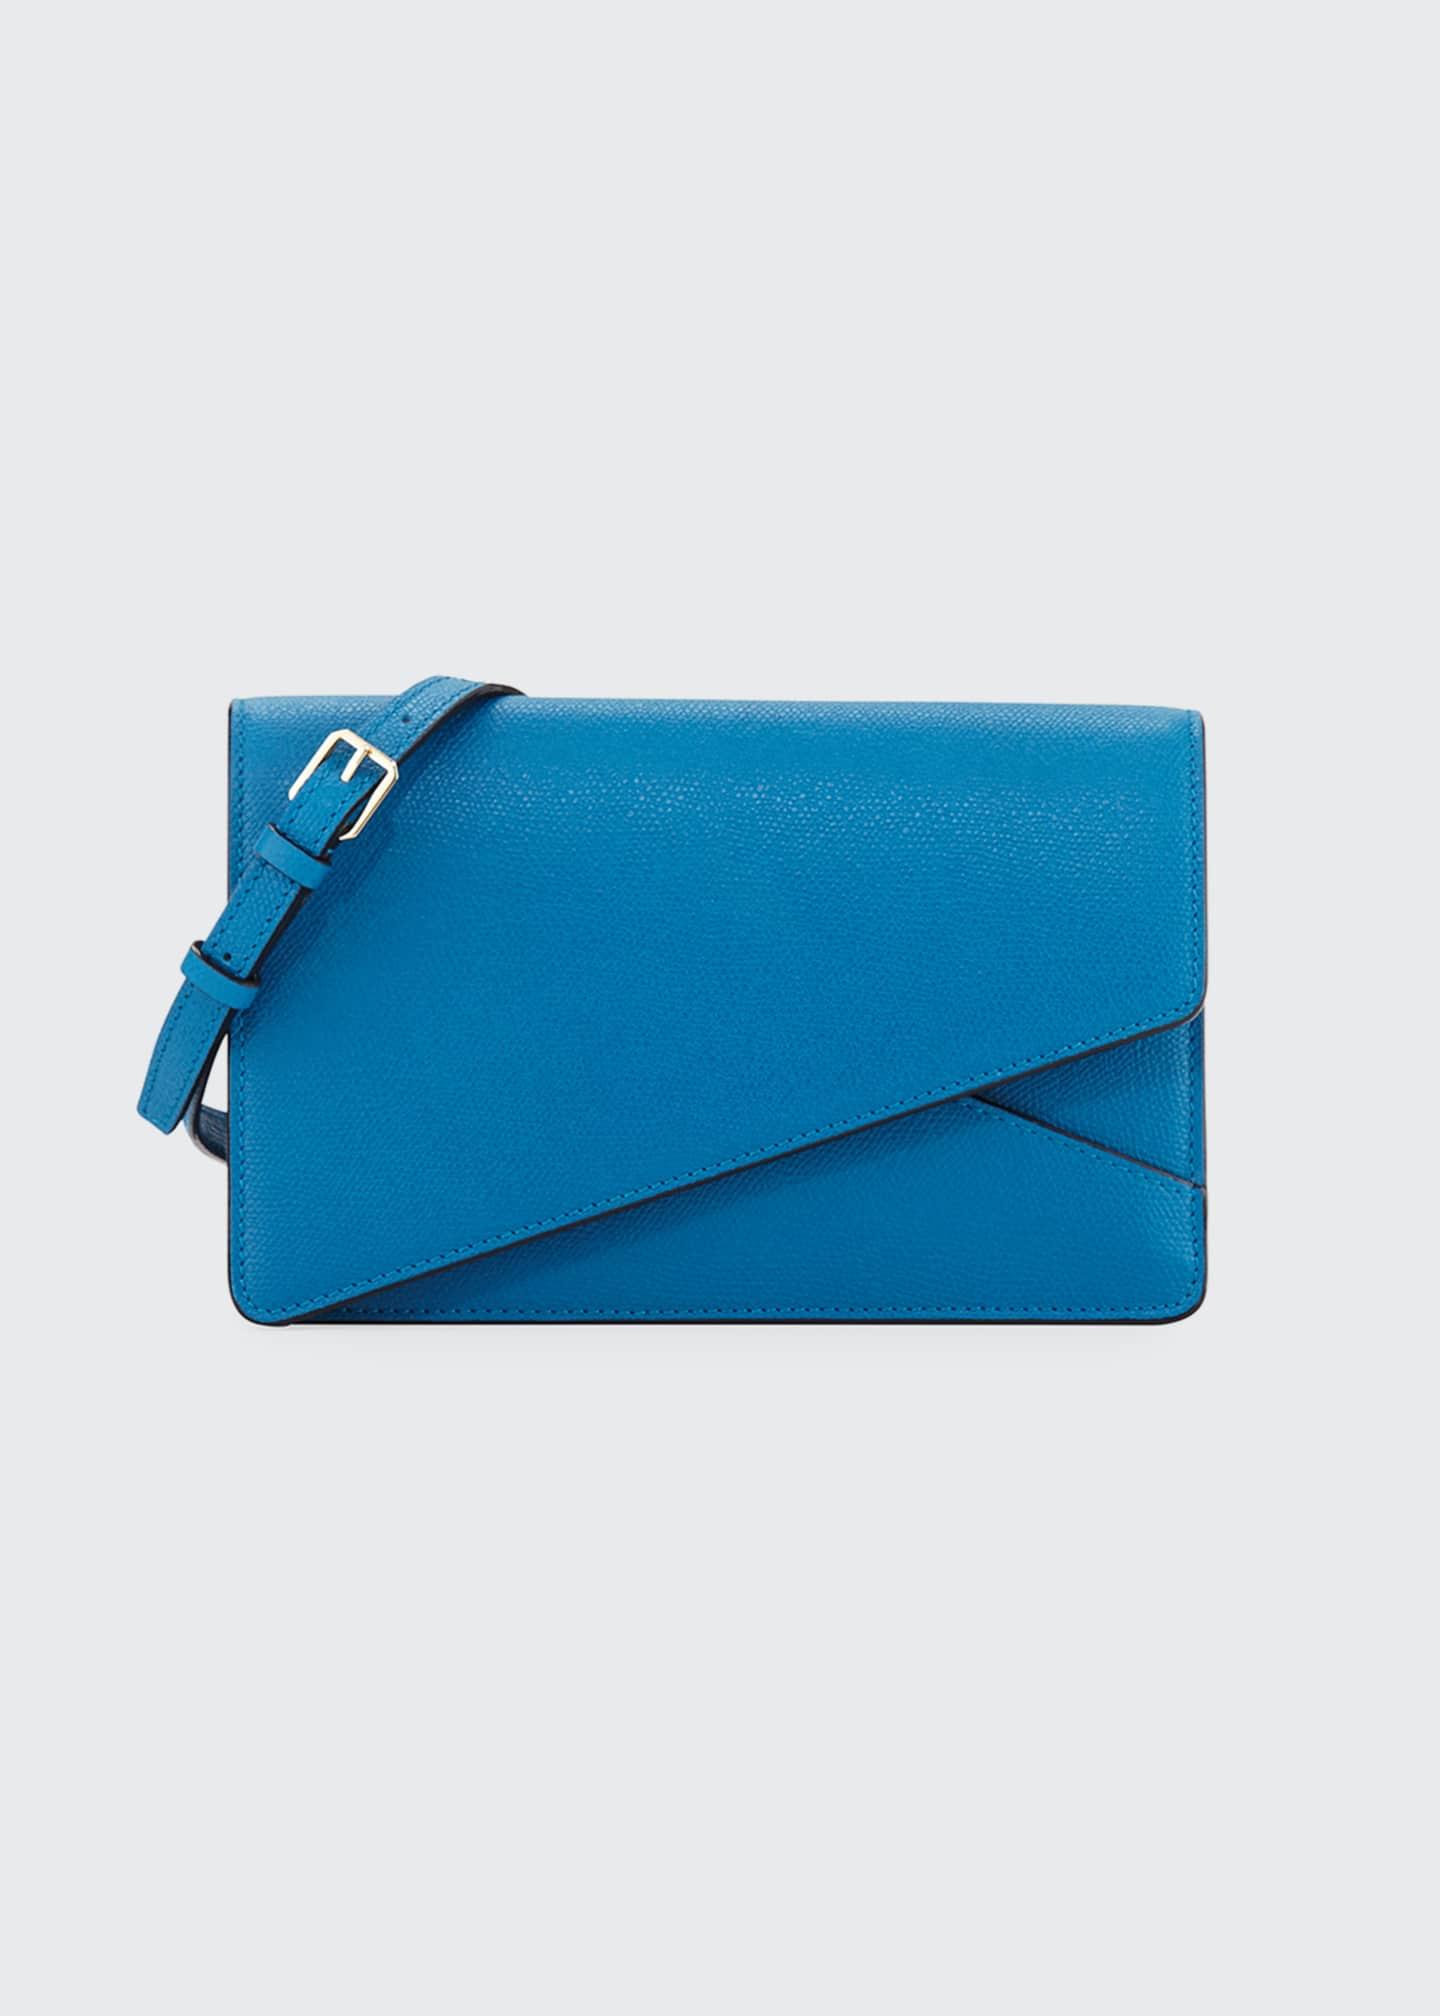 Valextra Twist Leather Clutch Bag